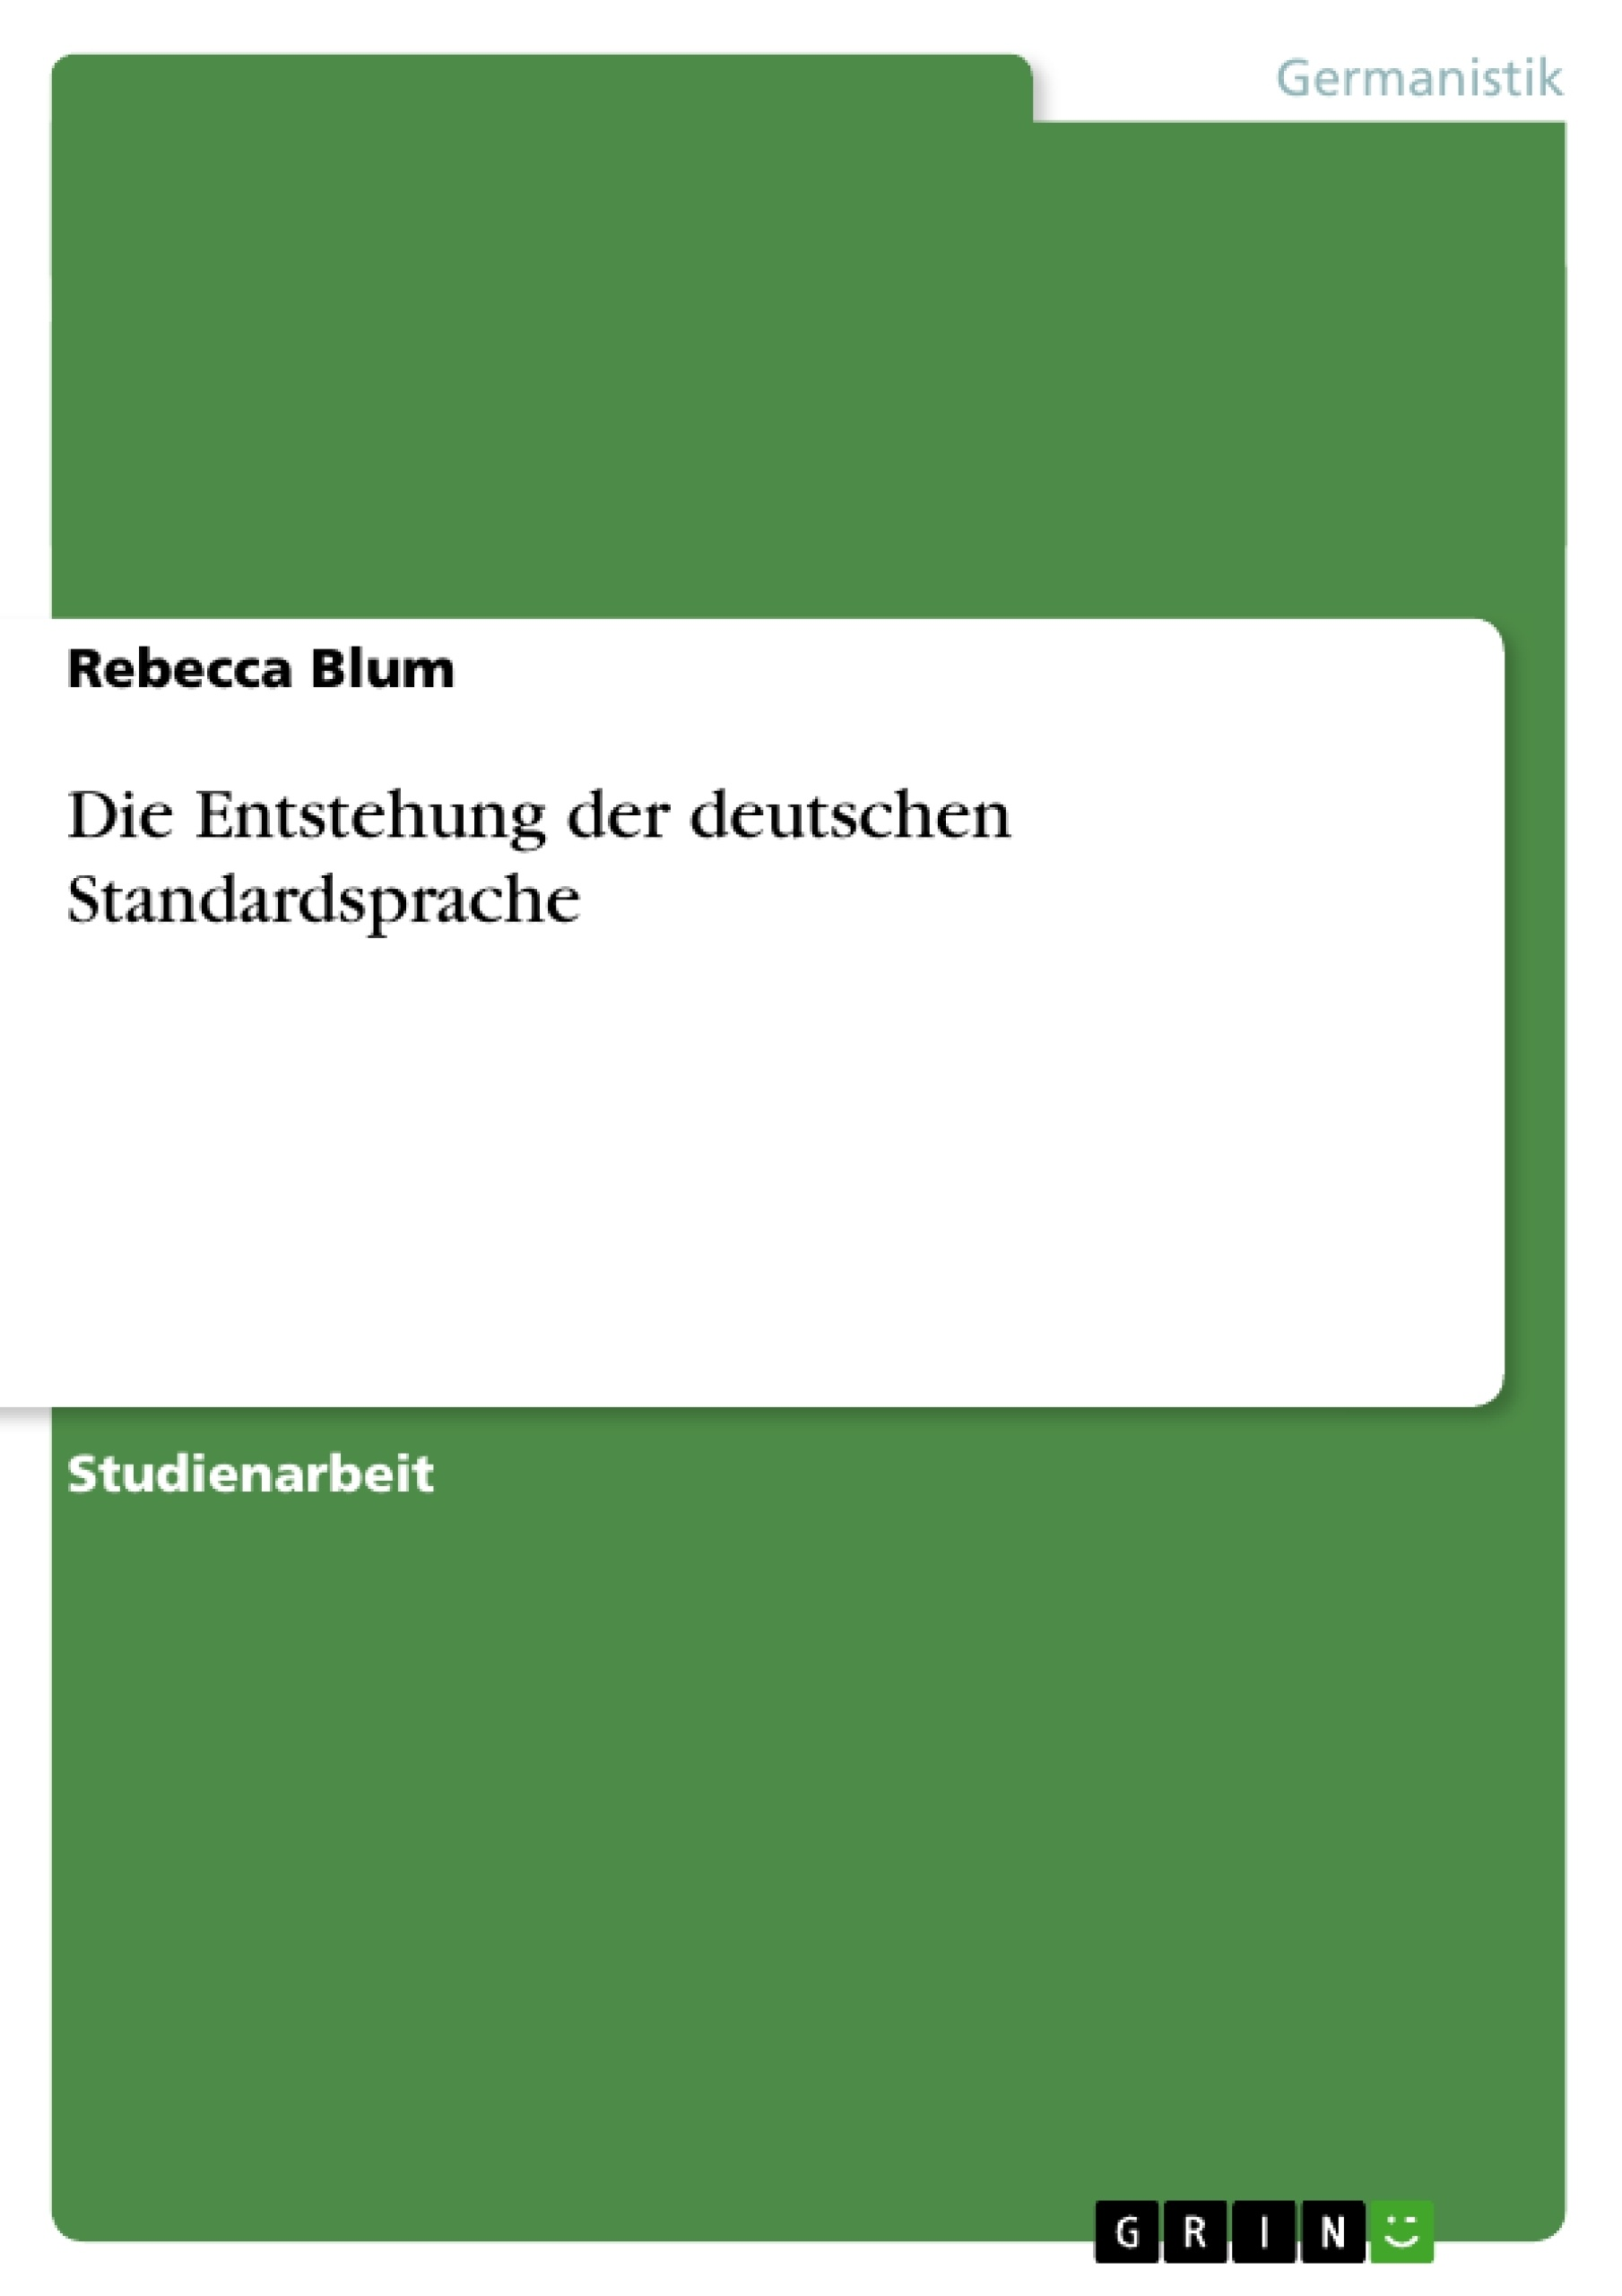 Titel: Die Entstehung der deutschen Standardsprache